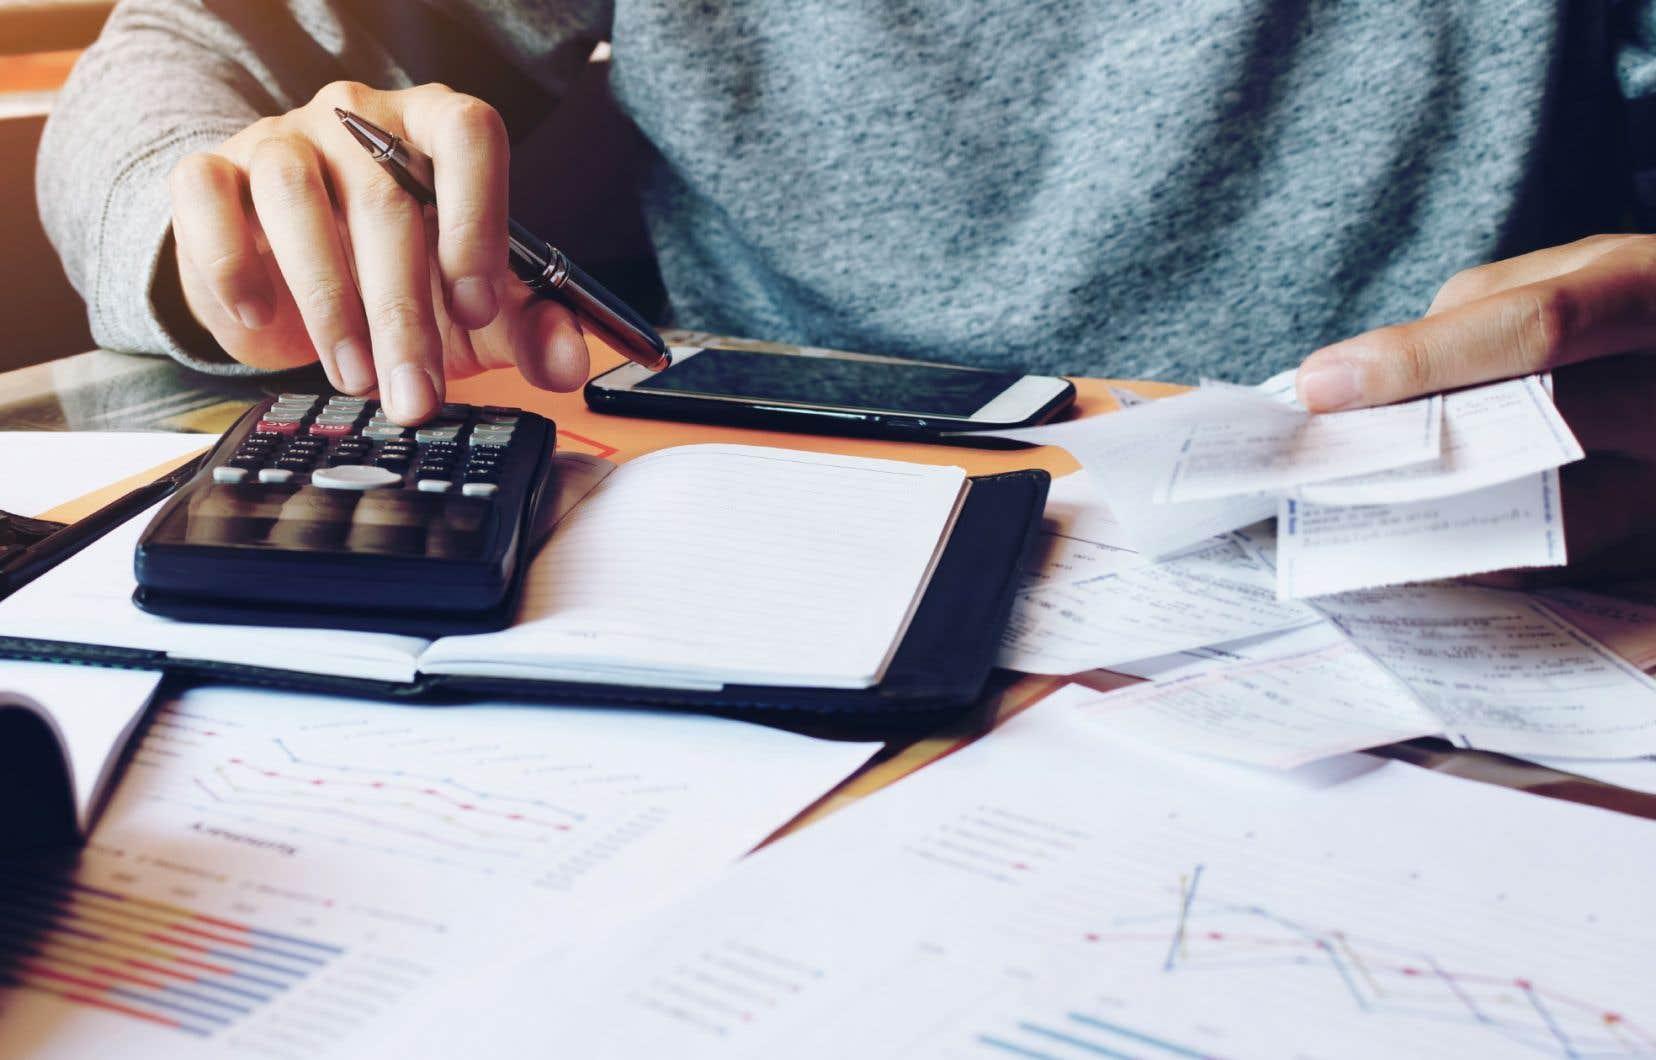 Le nombre total des dossiers d'insolvabilité au Canada a reculé de 5,5% entre le quatrième trimestre de 2019 et le premier de 2020.